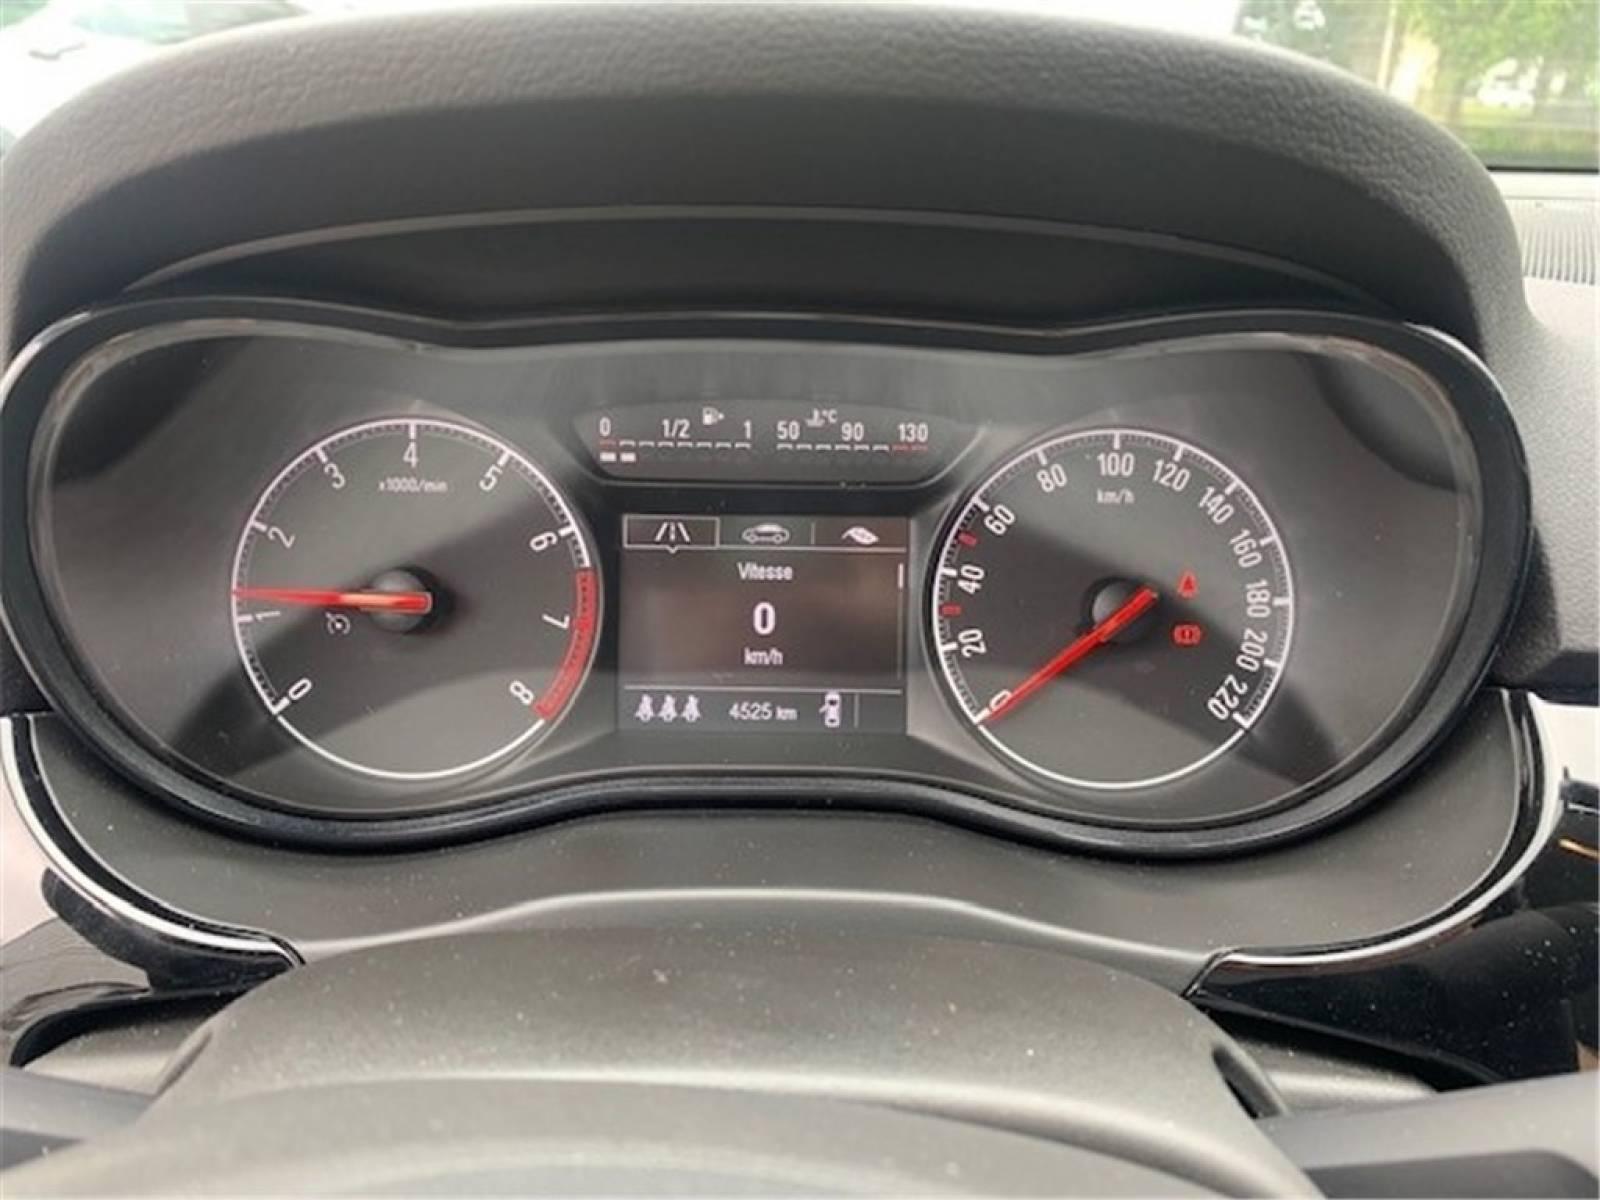 OPEL Corsa 1.0 Ecotec Turbo 90 ch - véhicule d'occasion - Groupe Guillet - Hall de l'automobile - Montceau les Mines - 71300 - Montceau-les-Mines - 28